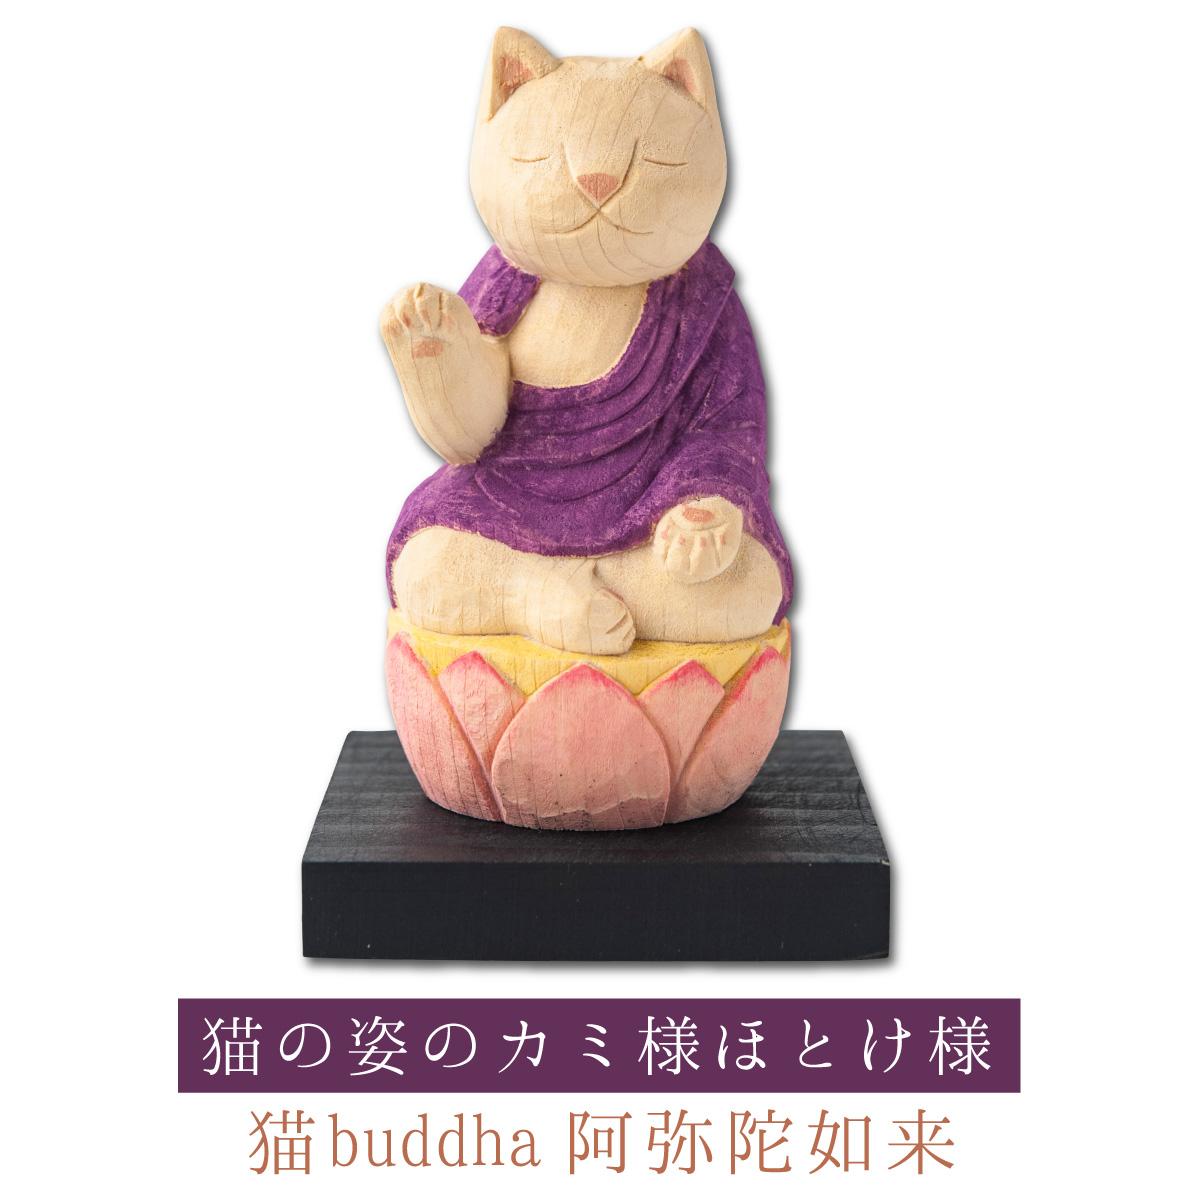 猫buddha 阿弥陀如来[戌・亥年生まれの守護本尊にゃ!] ≫ にゃんブッダ!癒される猫姿の神さま仏さま。仏屋さかい原型、監修。すべて木彫りで作っちゃいました♪ 仏像 木彫り 置物 猫 ねこ